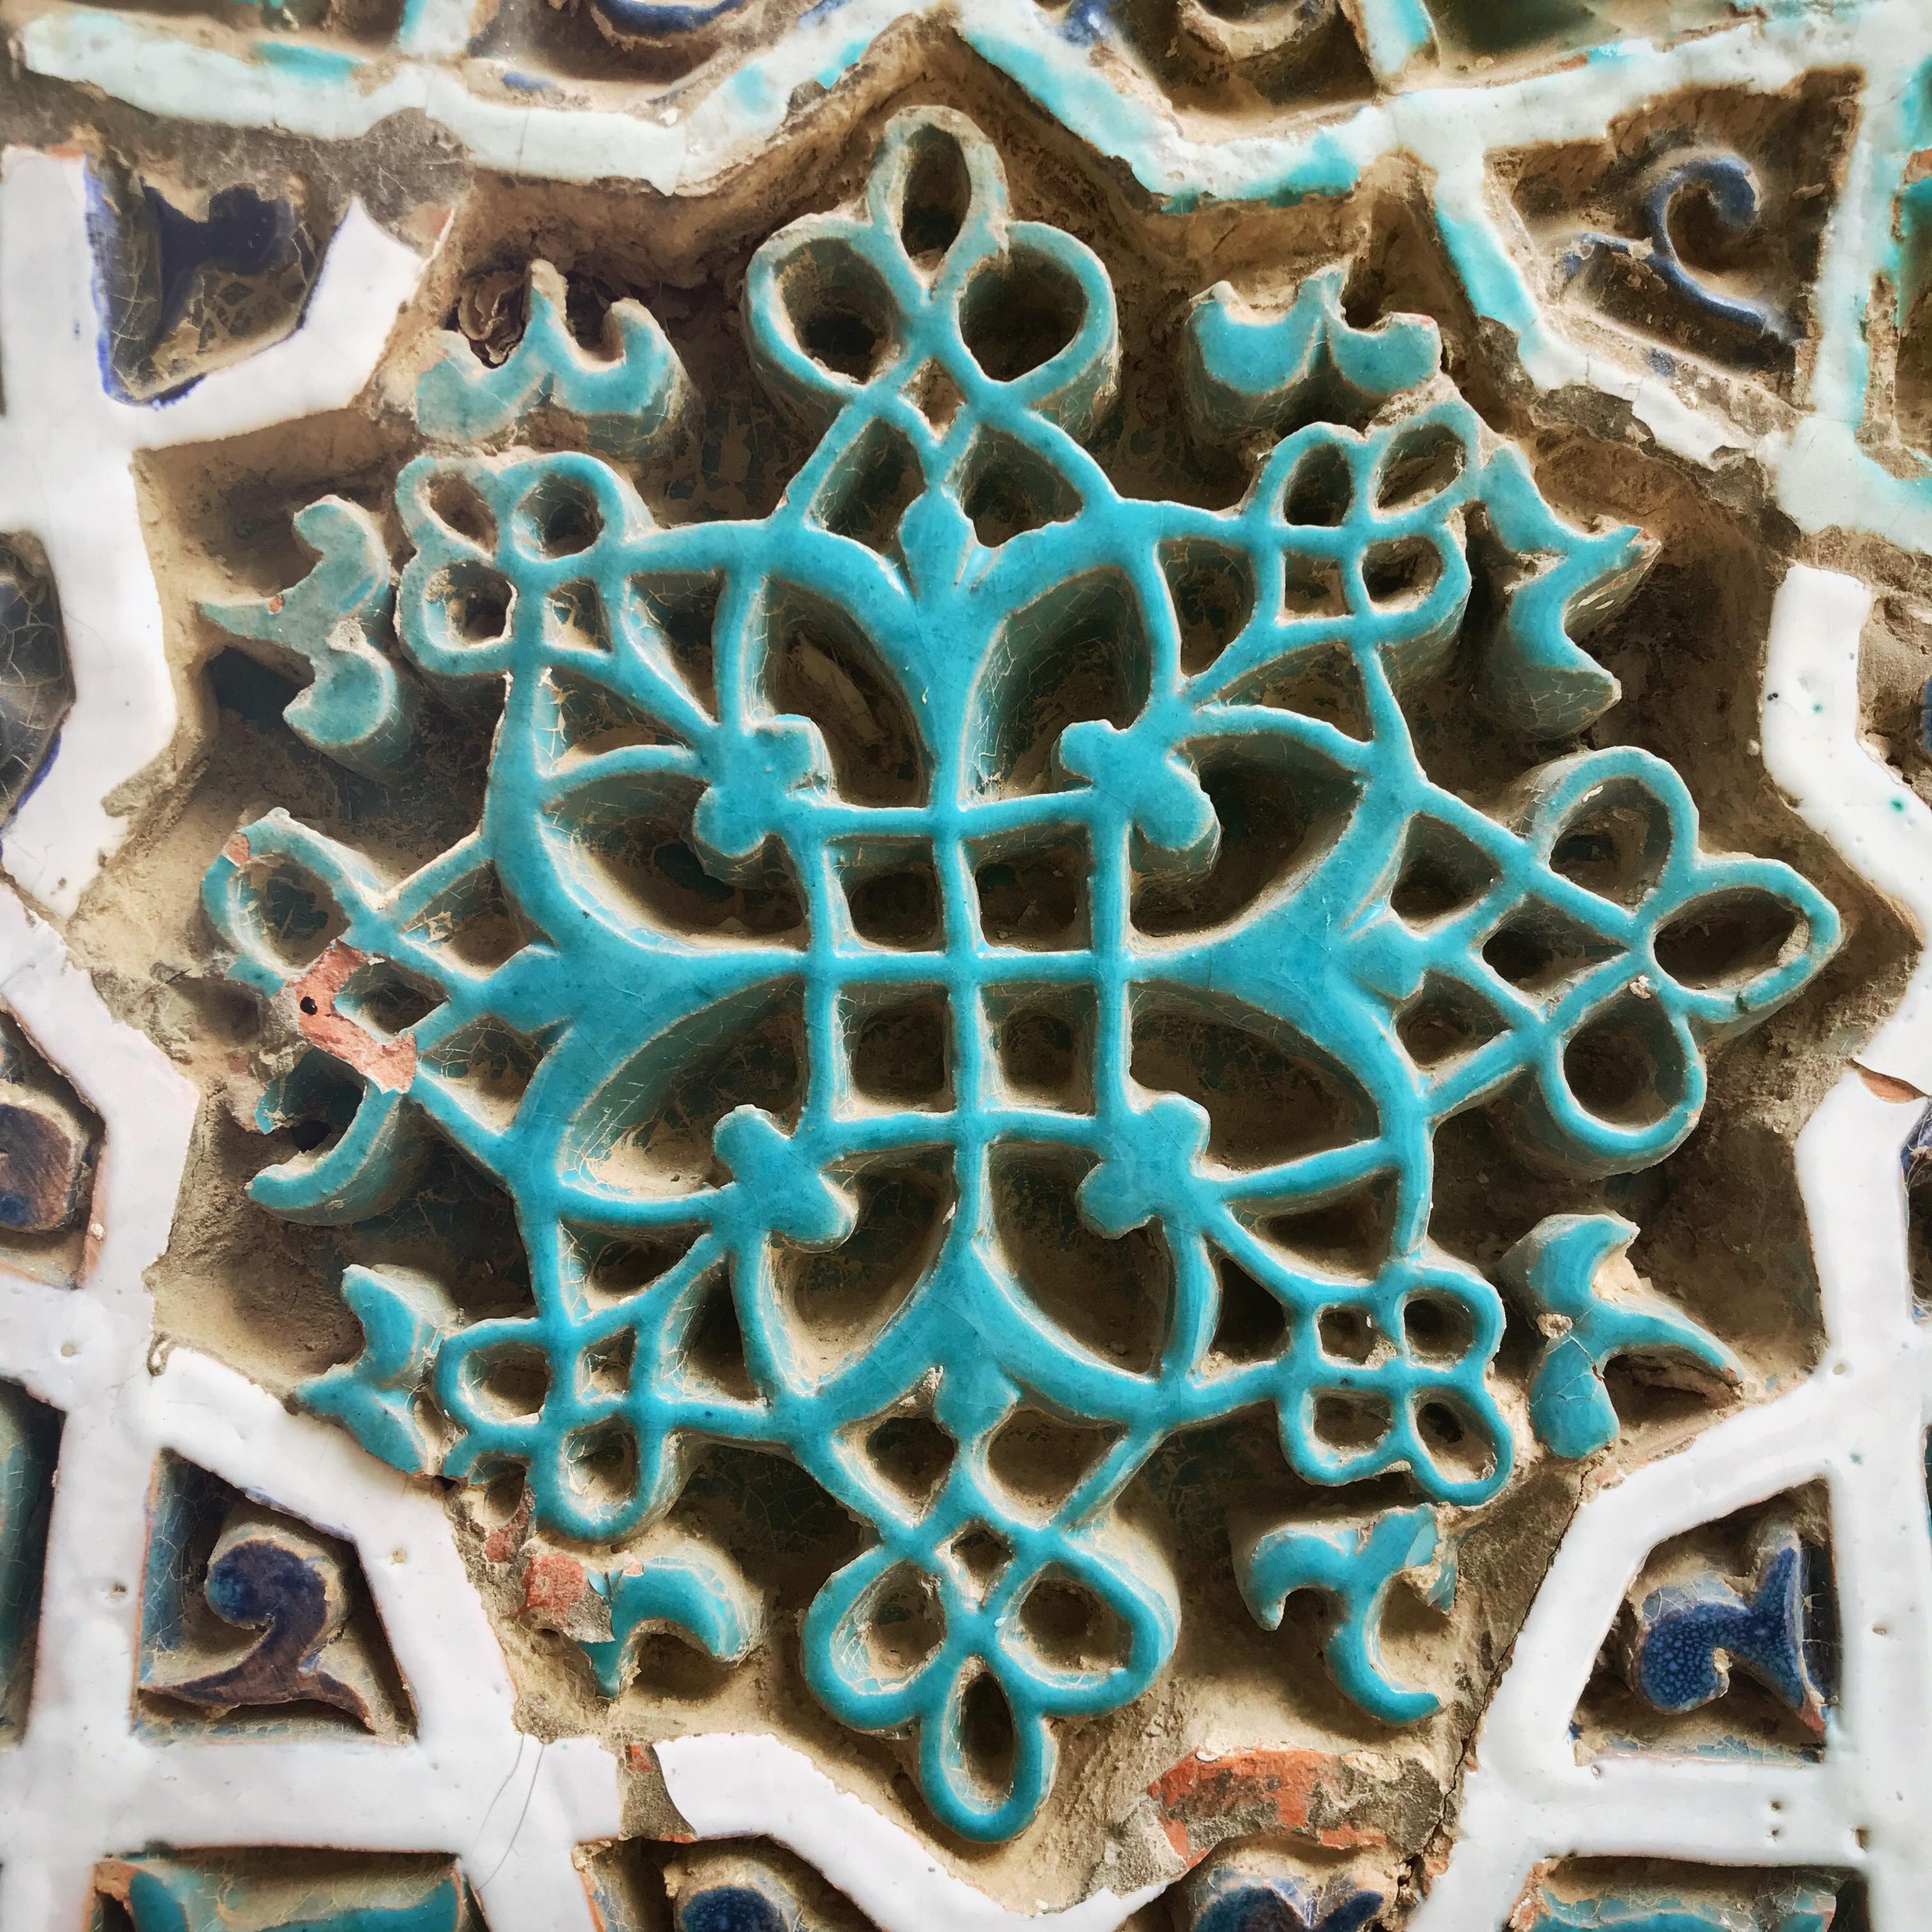 Usbekistan kscheib Kachel 3